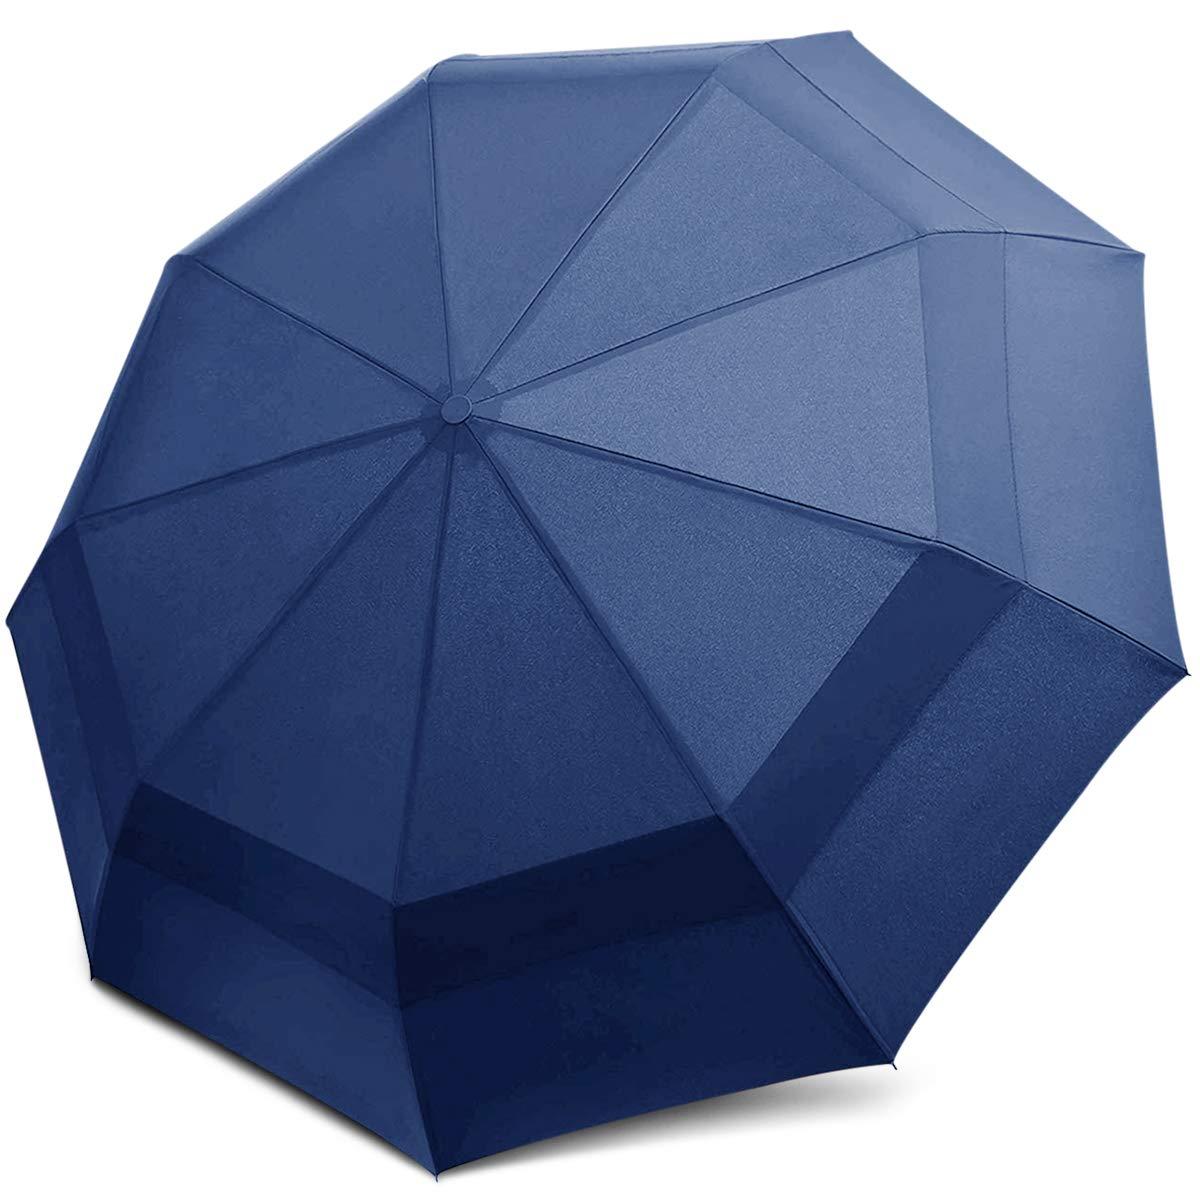 DORRISO Homme Femme Automatique Parapluie Pliant Coupe-Vent Grand Double Canopy Voyage Ombrelle /étanche Portable Parapluie de Voyage Bleu